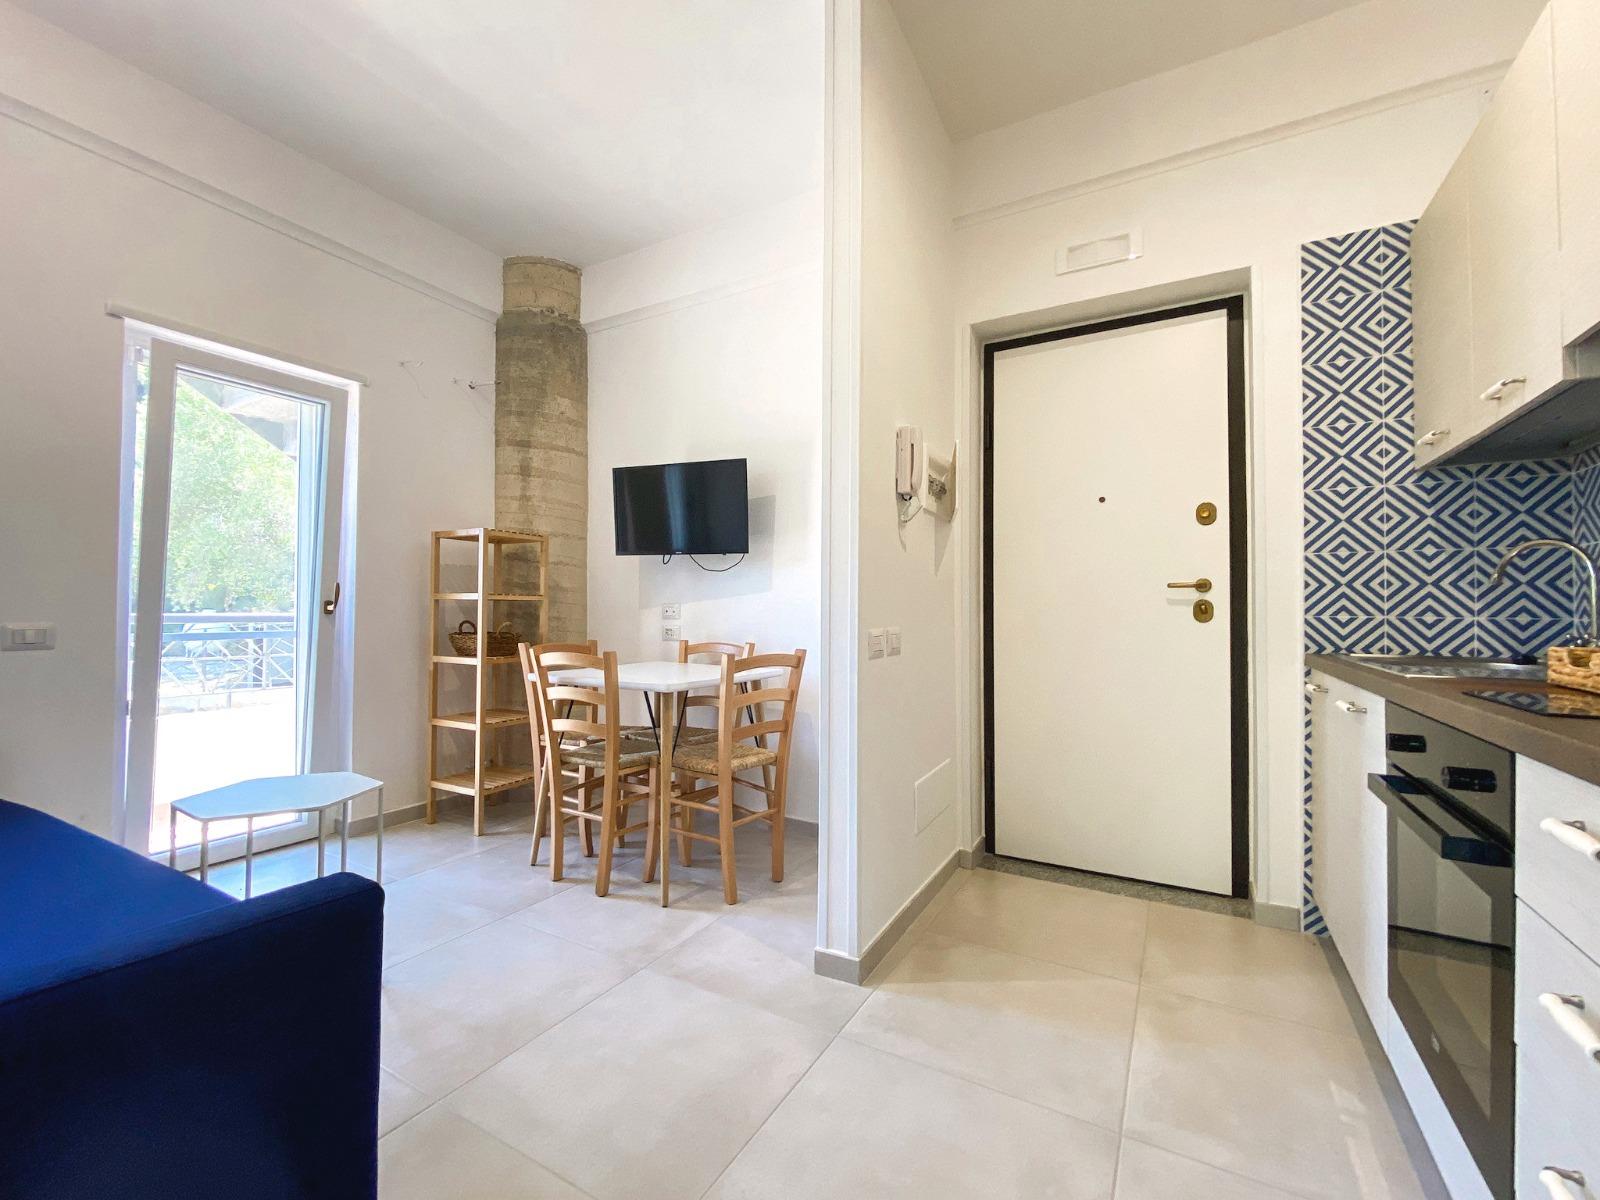 tenuta-normanni-foresteria-suites-medium